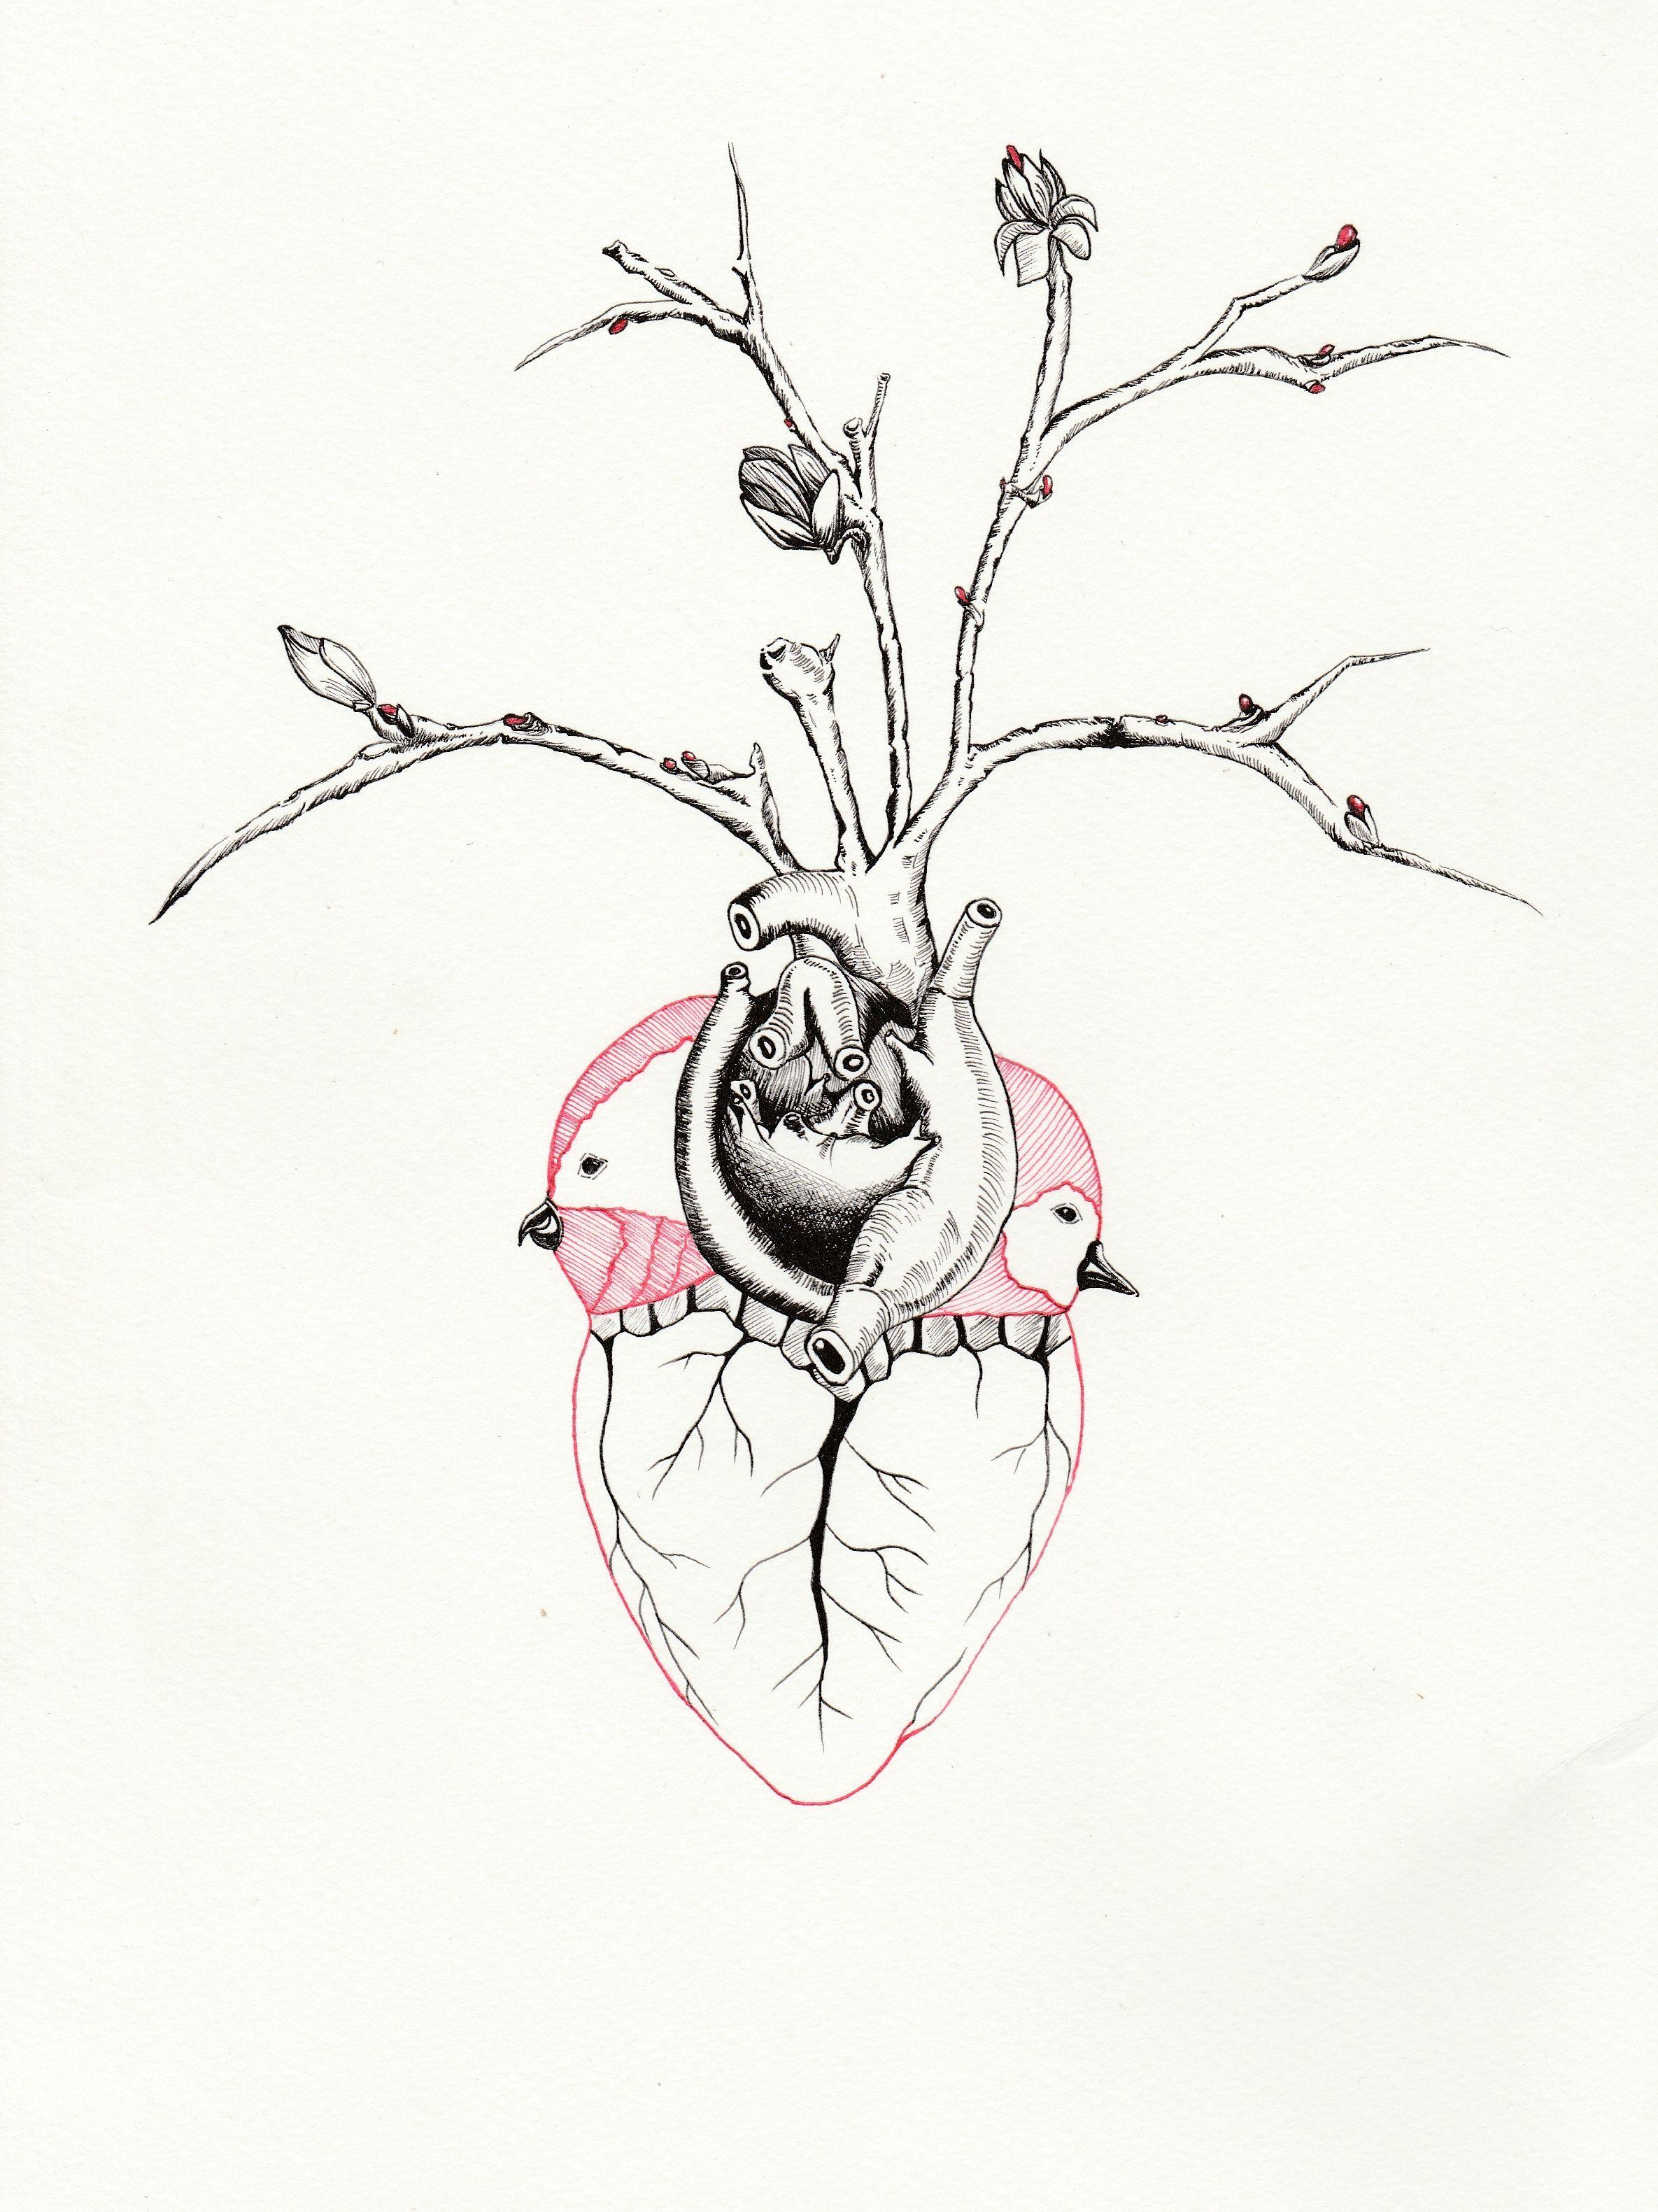 El #Corazón en los seres humanos representa, solo un pedazo de carne ...